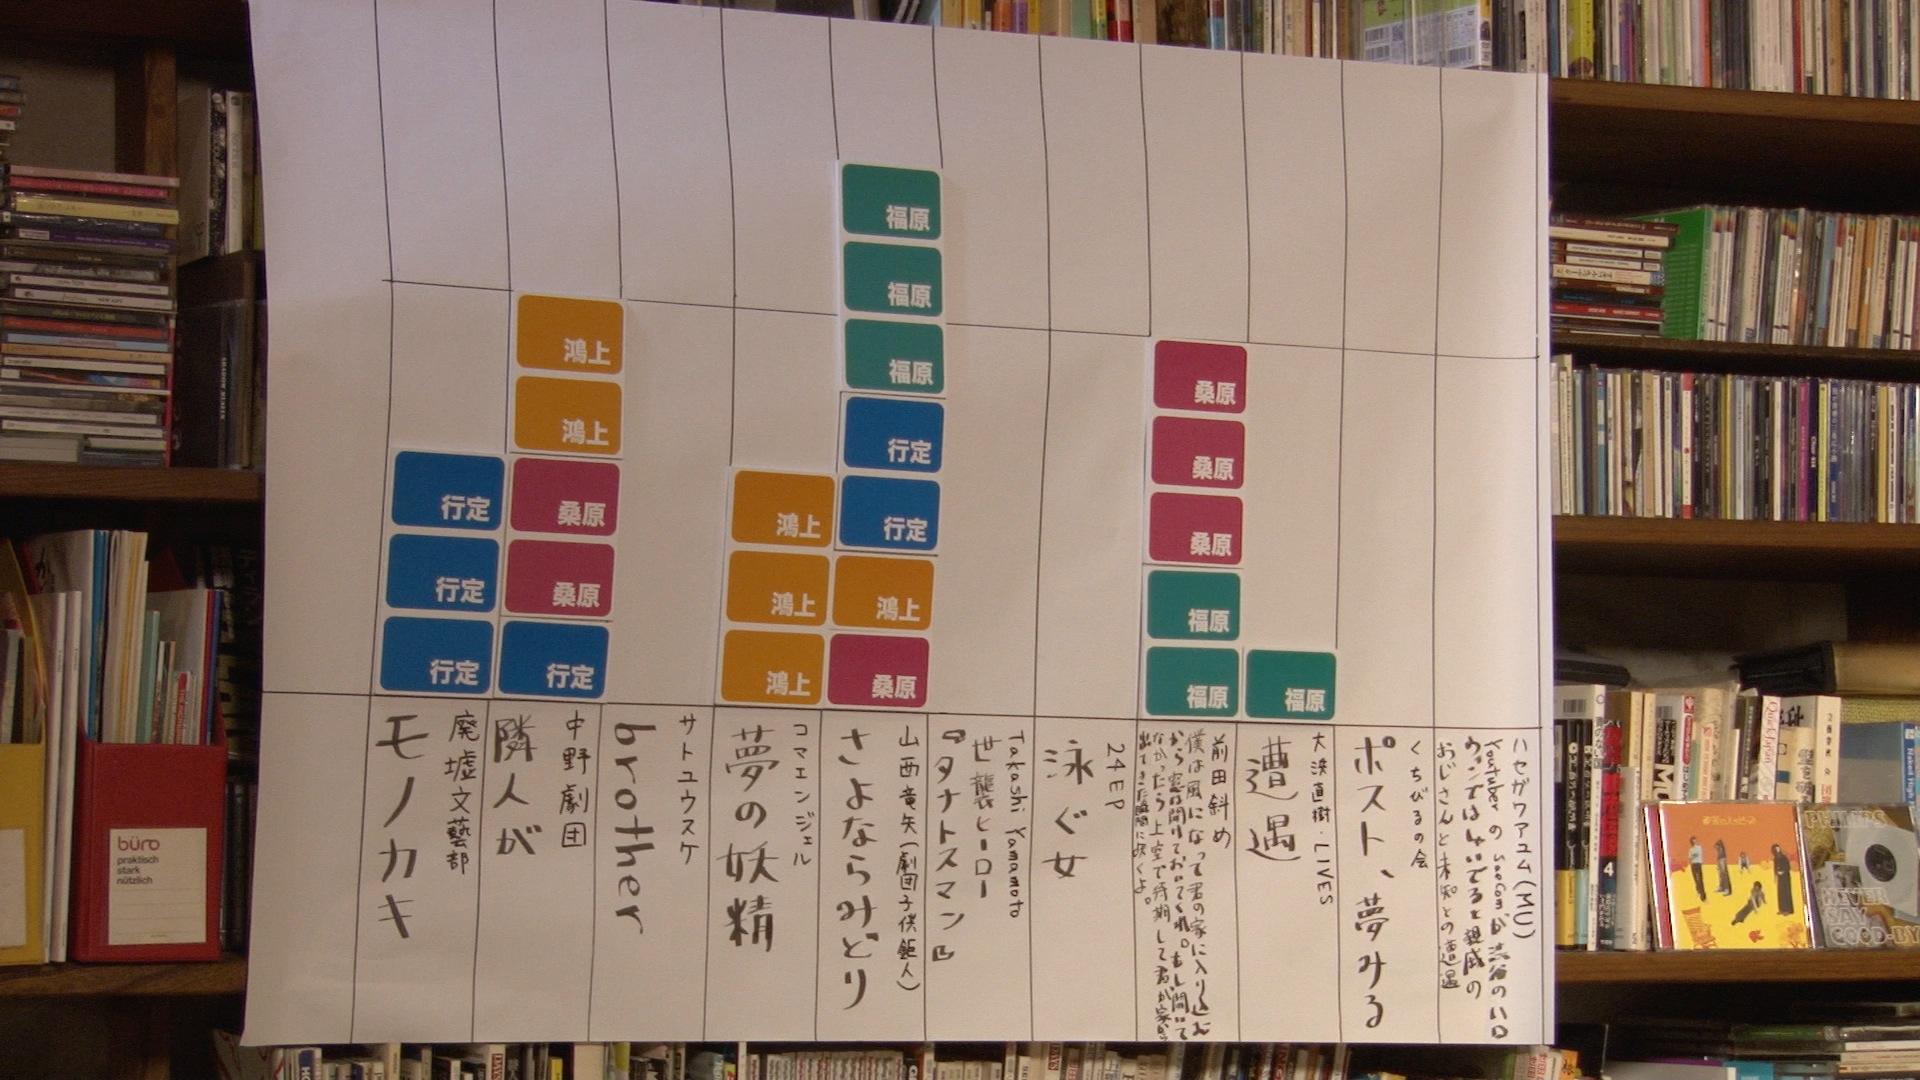 QSC6 審査員の加点グラフ